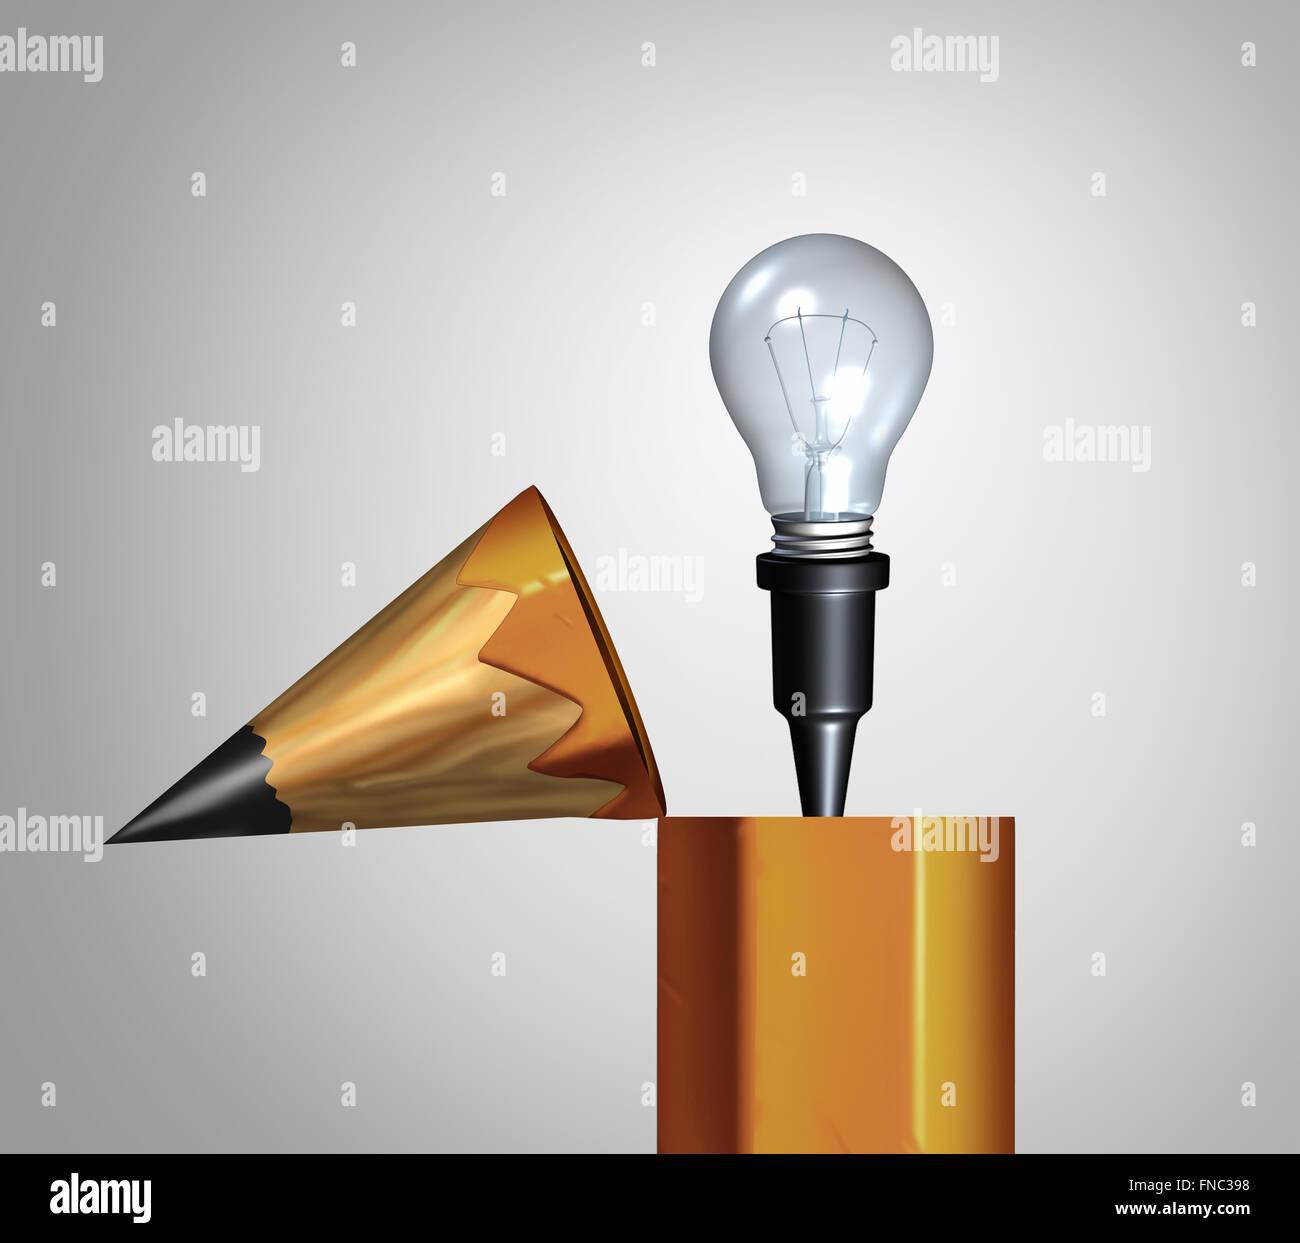 Idée concept crayon comme un instrument de dessin avec une nouvelle ampoule brillant lumineux ampoule ou comme Photo Stock